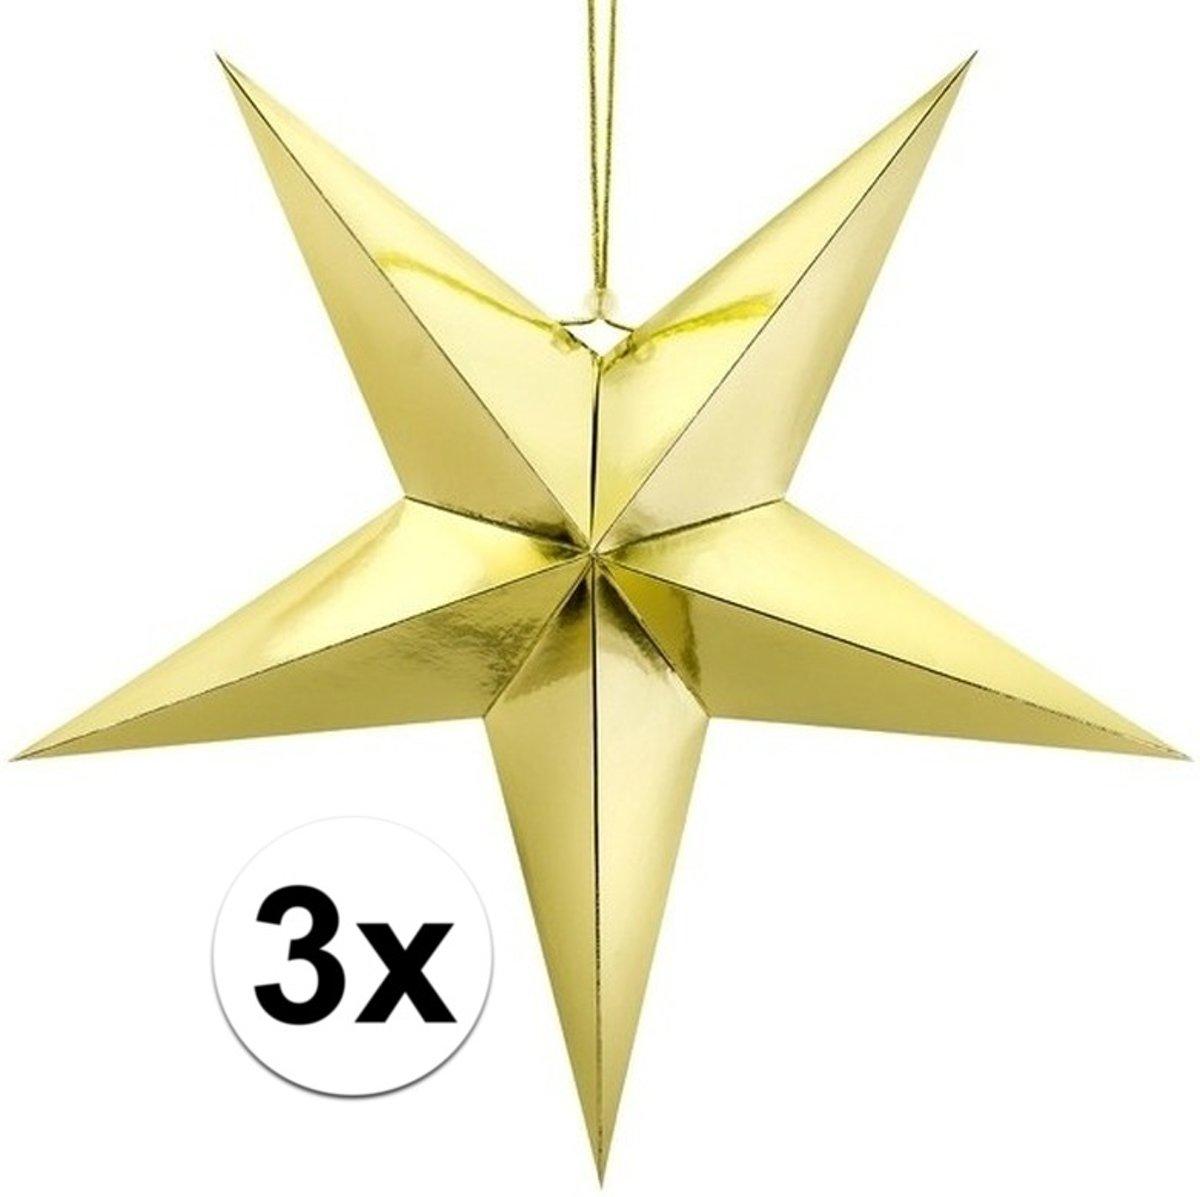 3x Gouden sterren 70 cm Kerst decoratie/versiering kopen